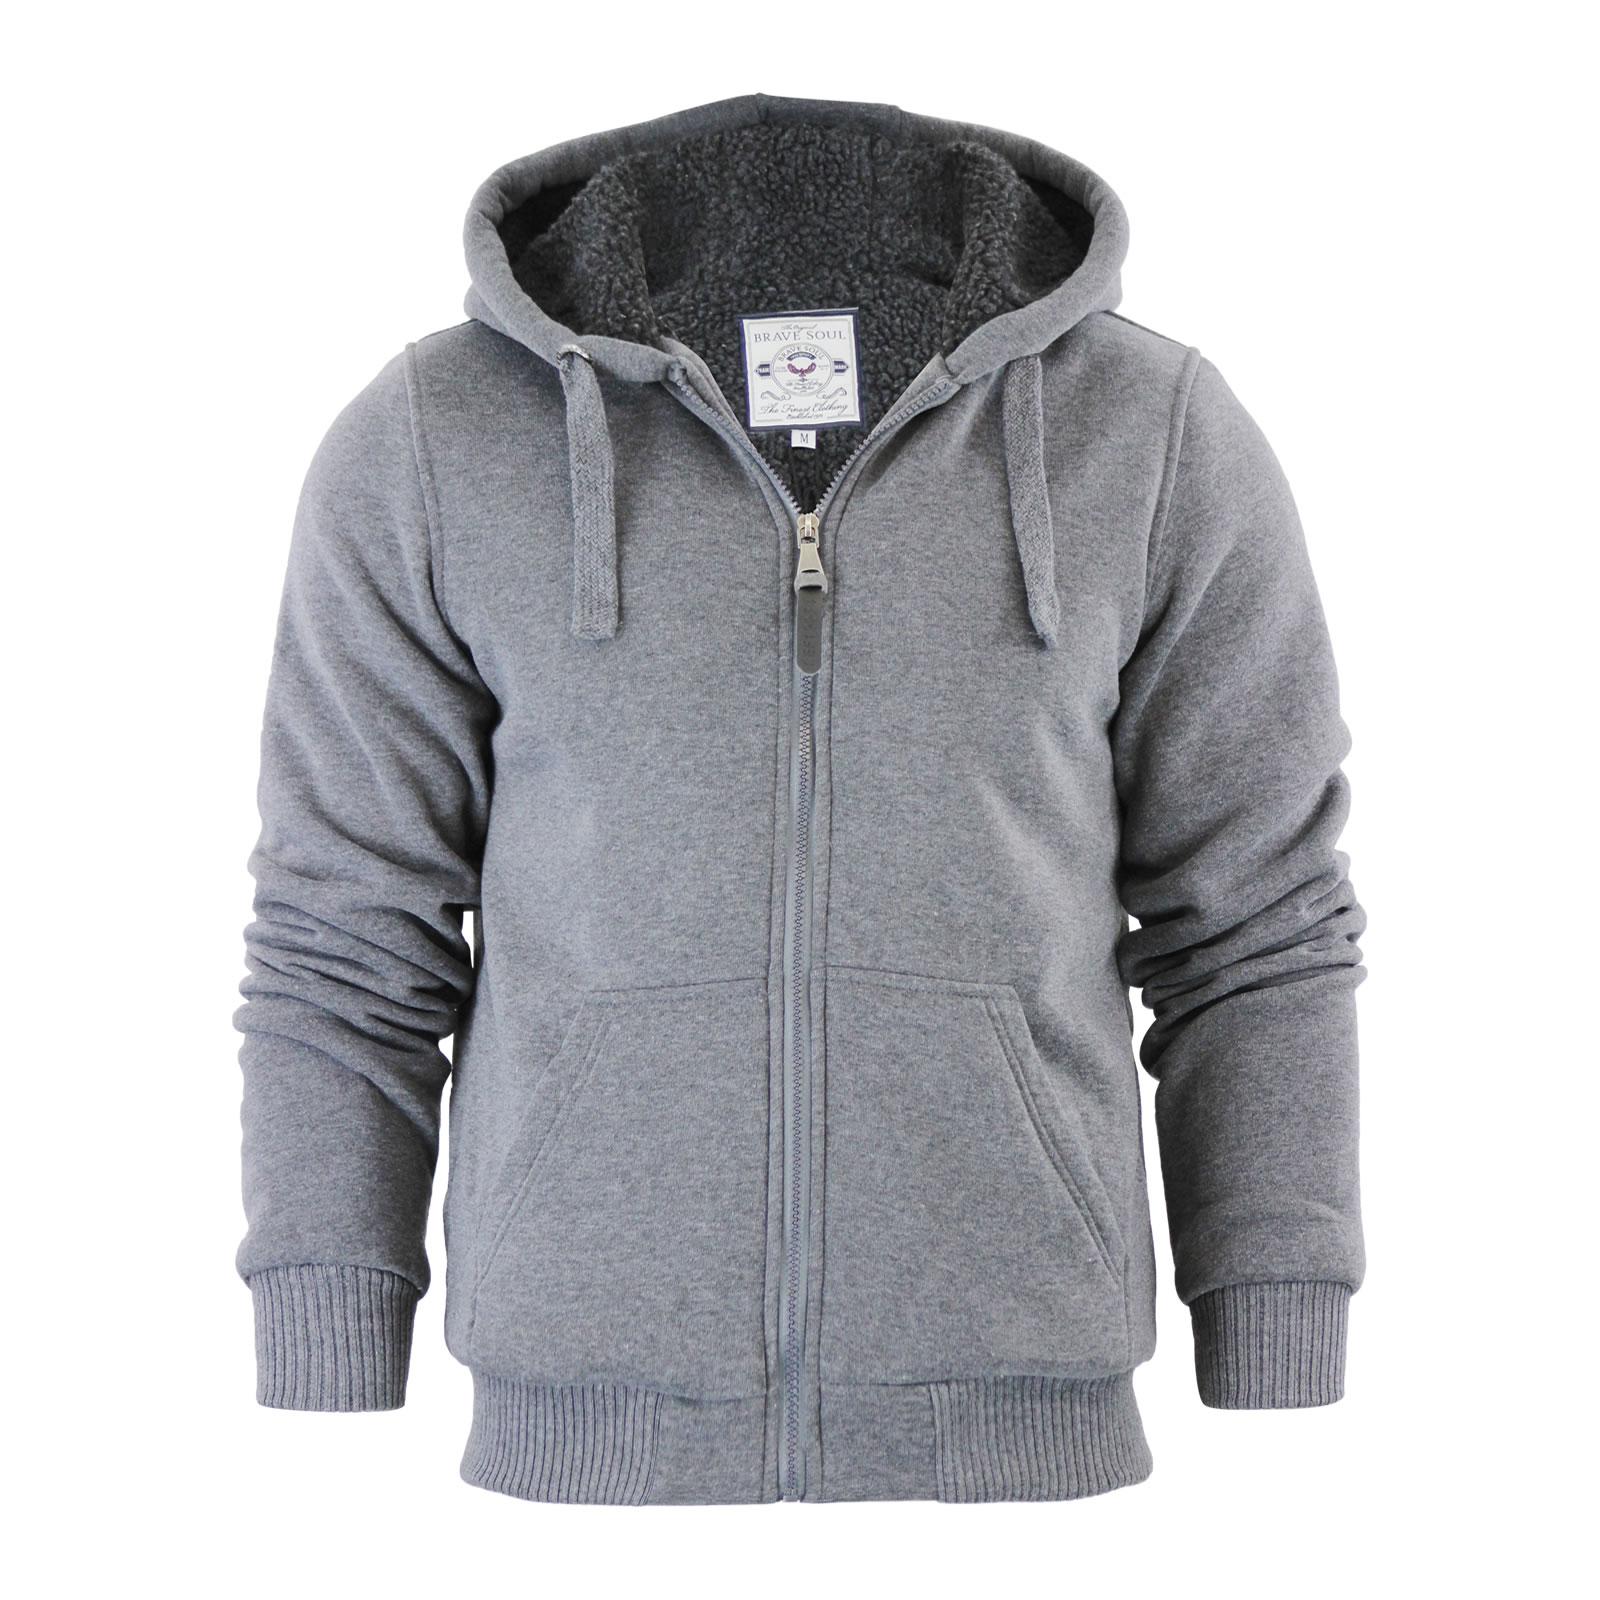 Mens lined hoodie